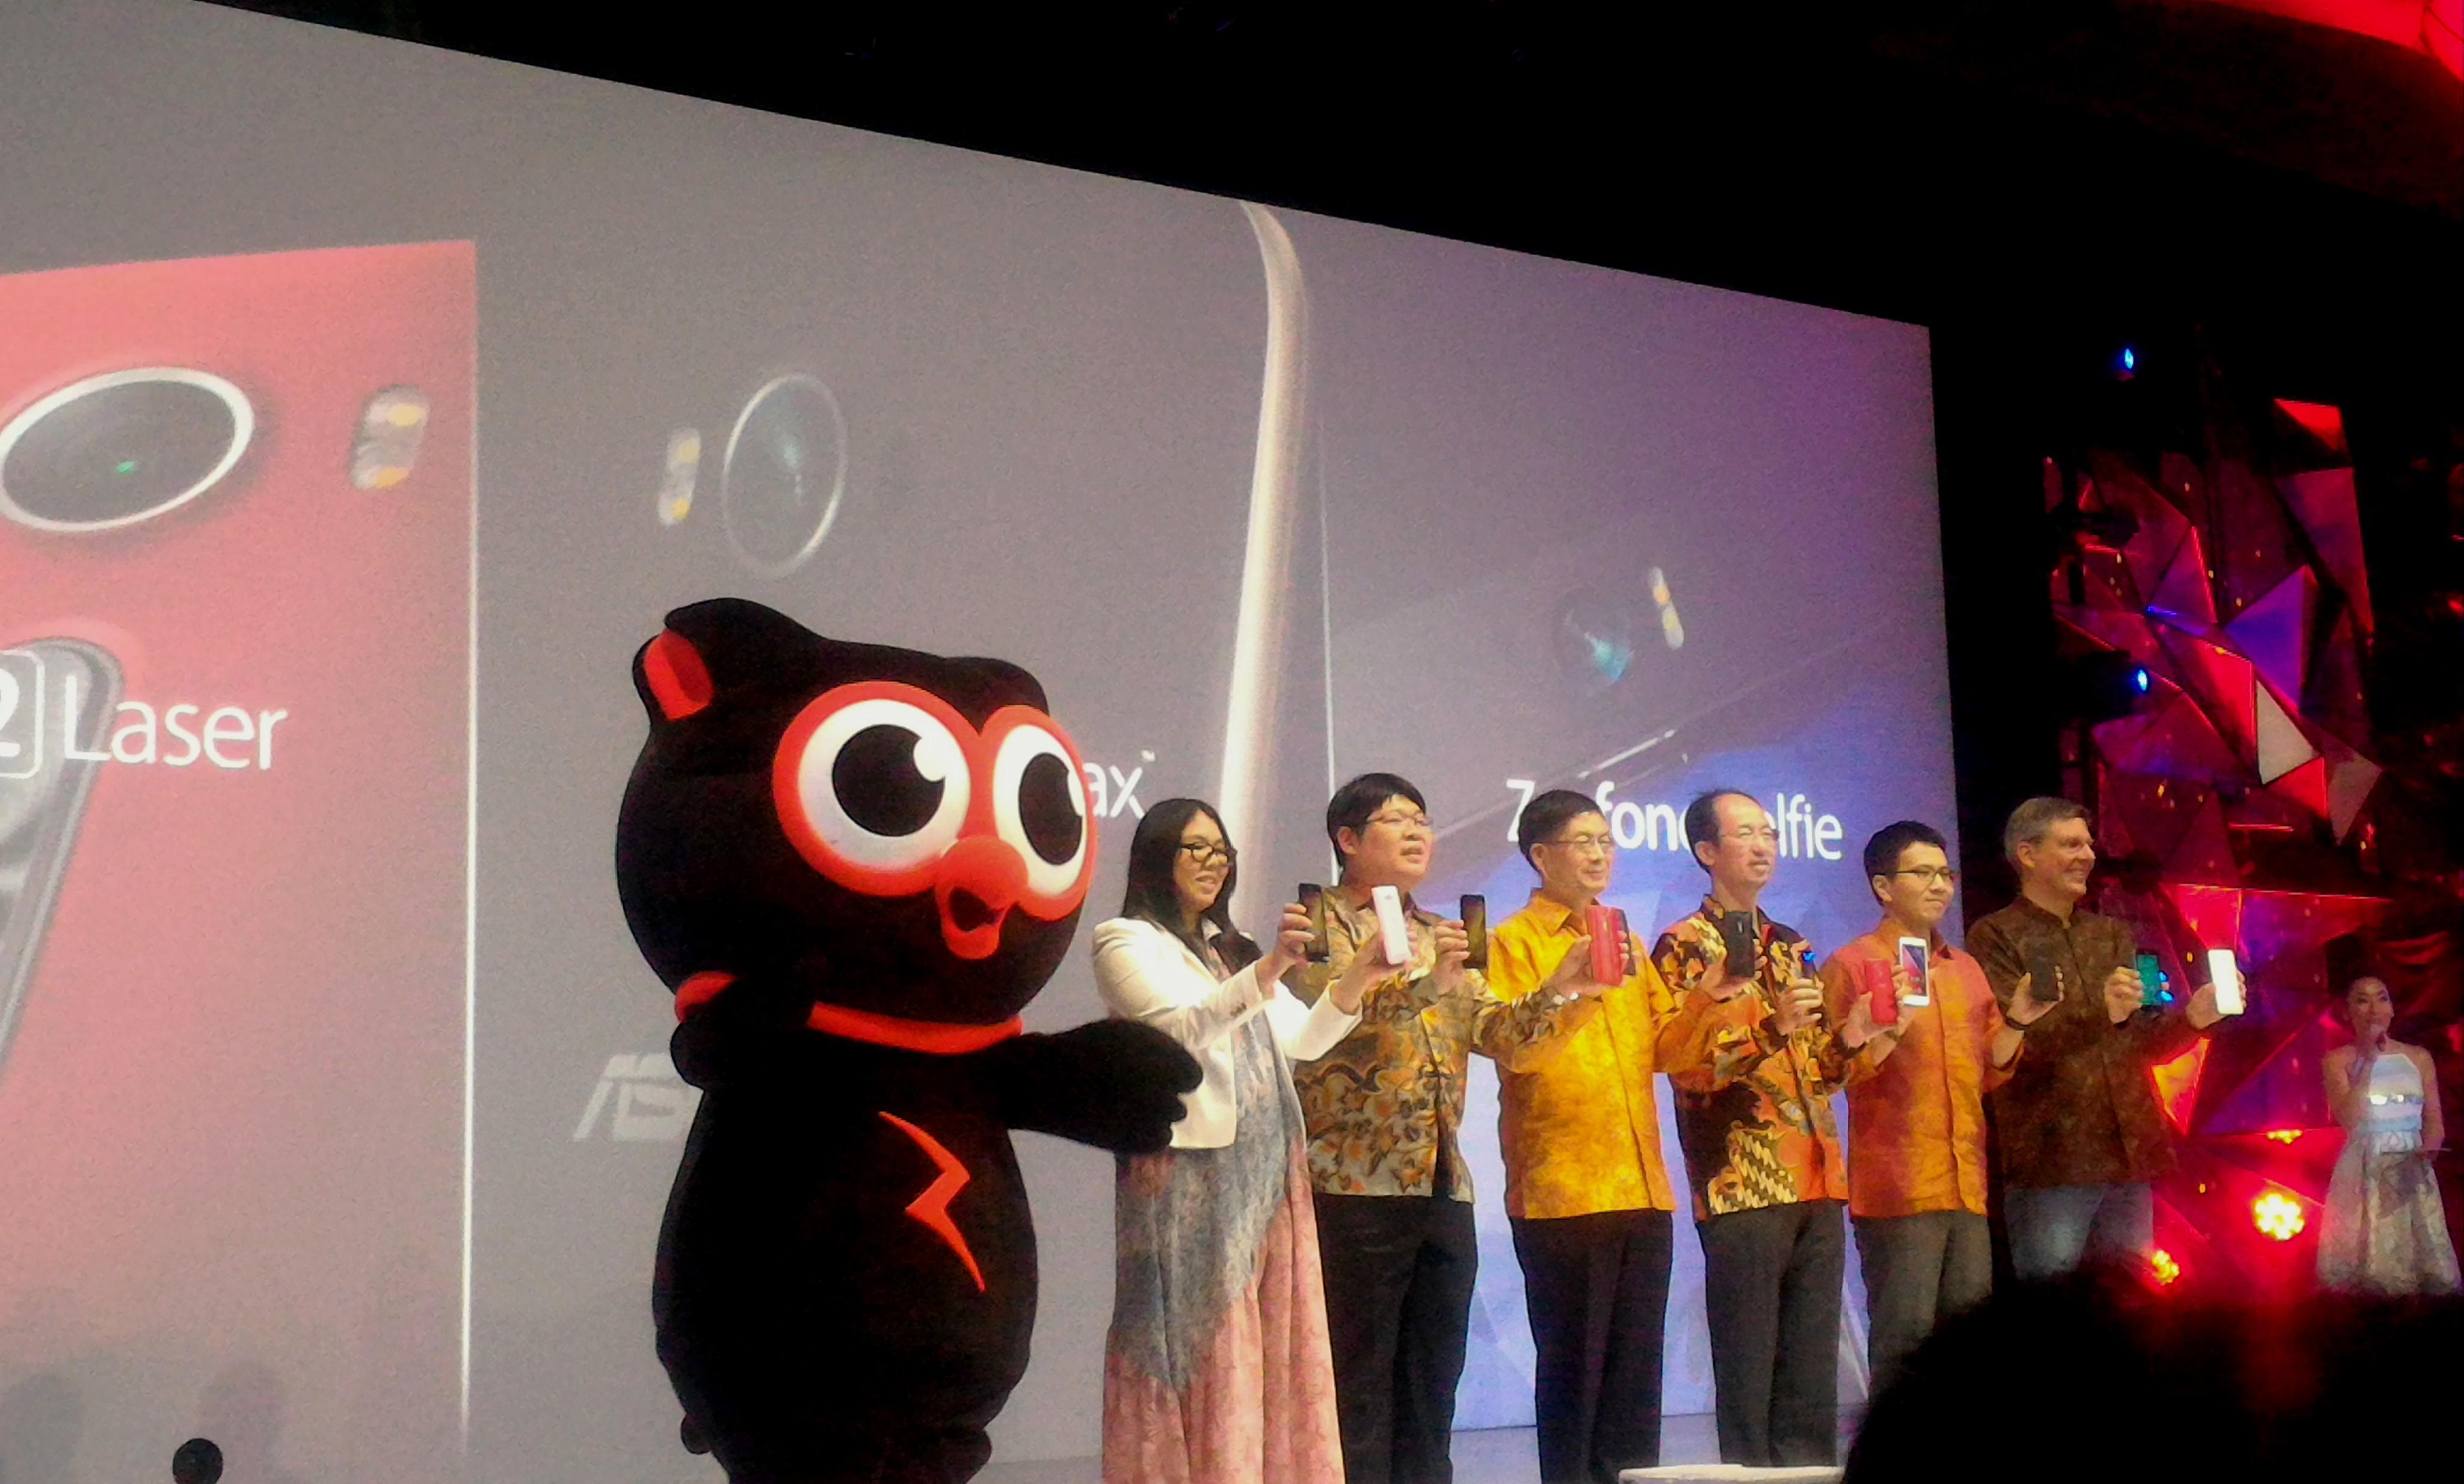 Peluncuran Empat Varian Asus Zenfone pada Asus Zen Festival Indonesia 2015 di Ritz Carlton Pacific Palace, Jakarta, Kamis (19/11/2015). Foto : Ikhwan